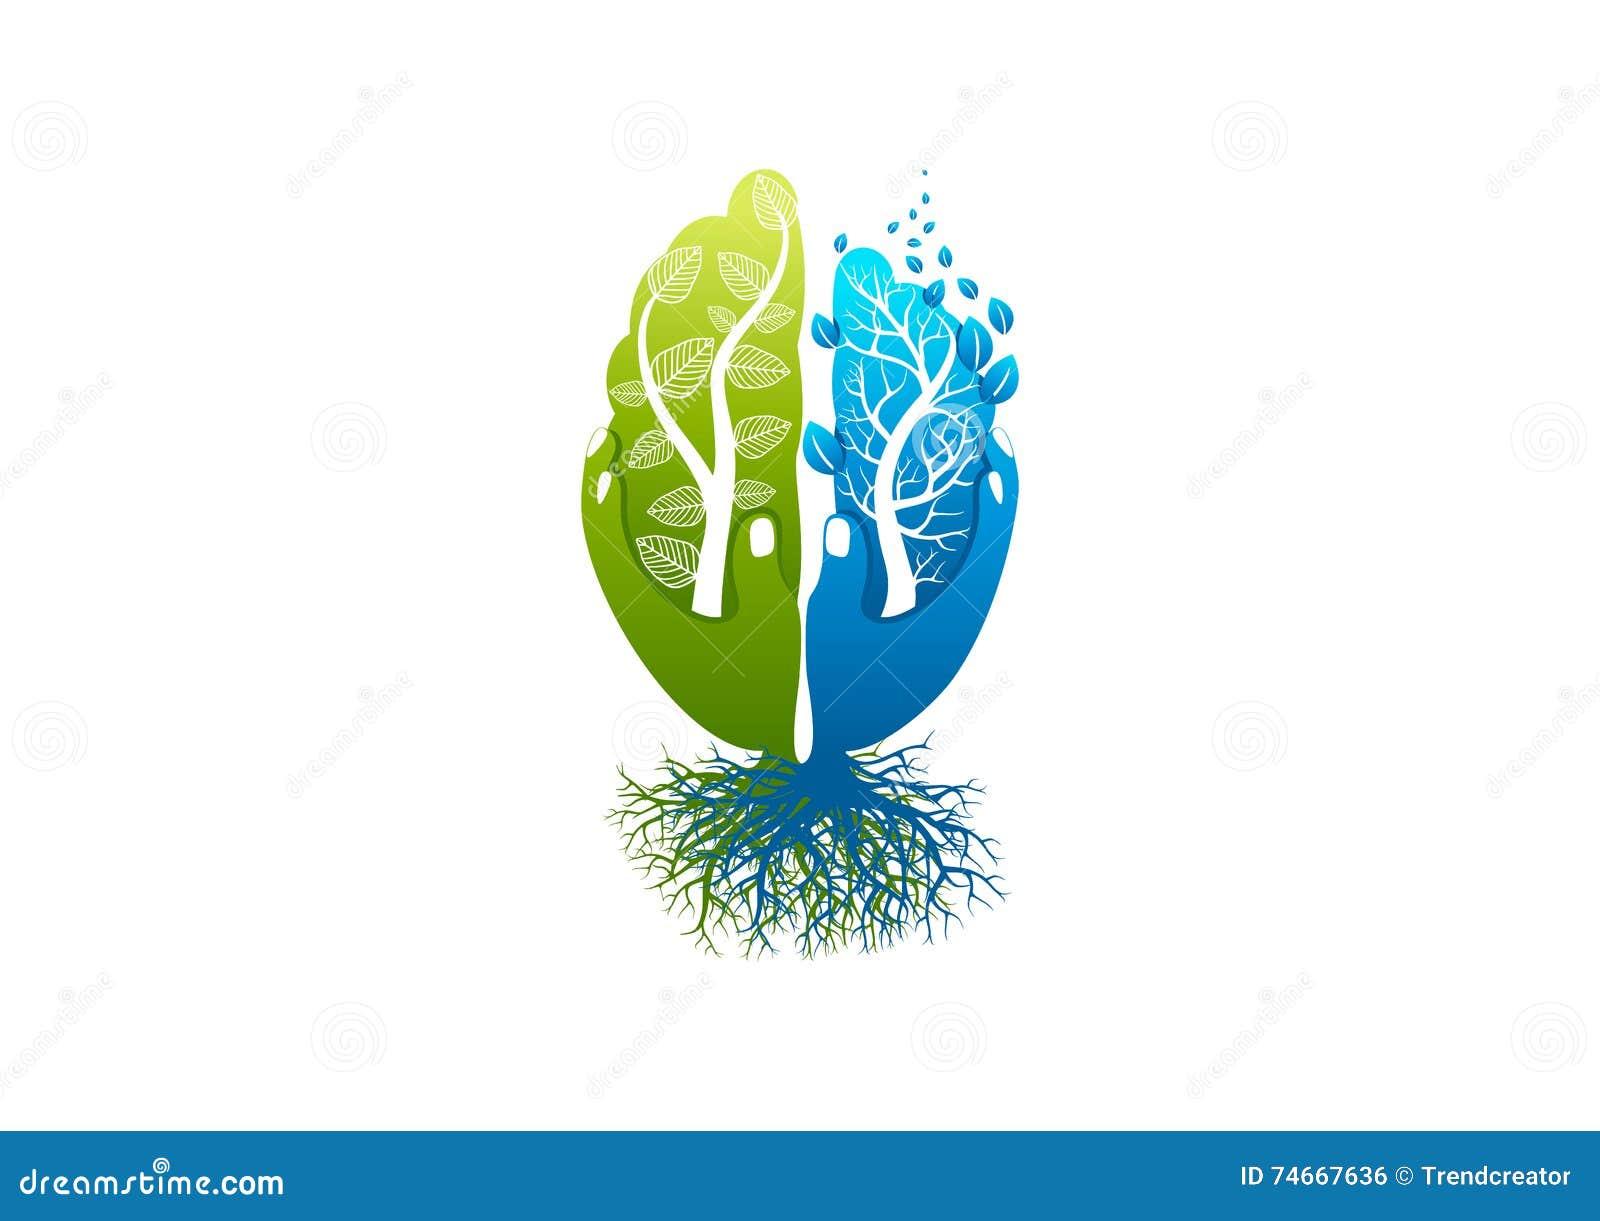 Logotipo do cuidado do cérebro, ícone saudável da psicologia, símbolo de alzheimer, projeto de conceito da mente da natureza